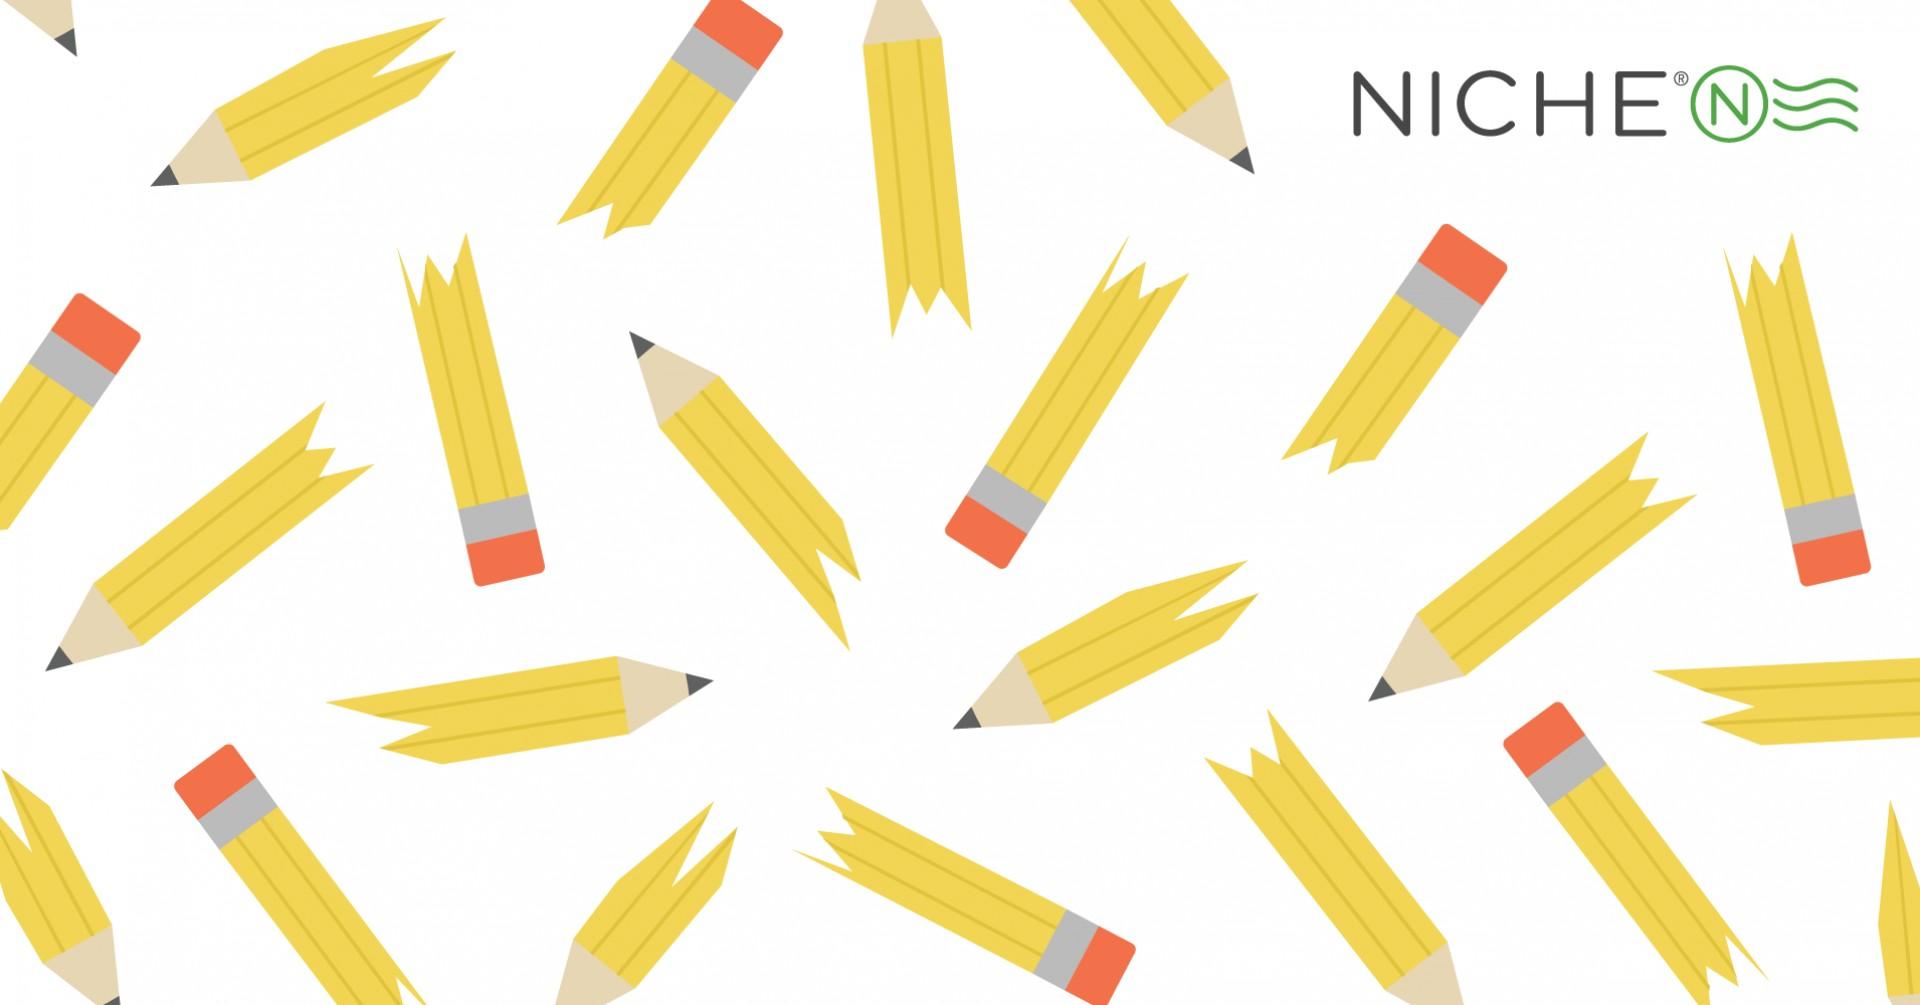 001 Nes Scholarship 1910px Easy No Essay Scholarships Striking 2015 2019 1920